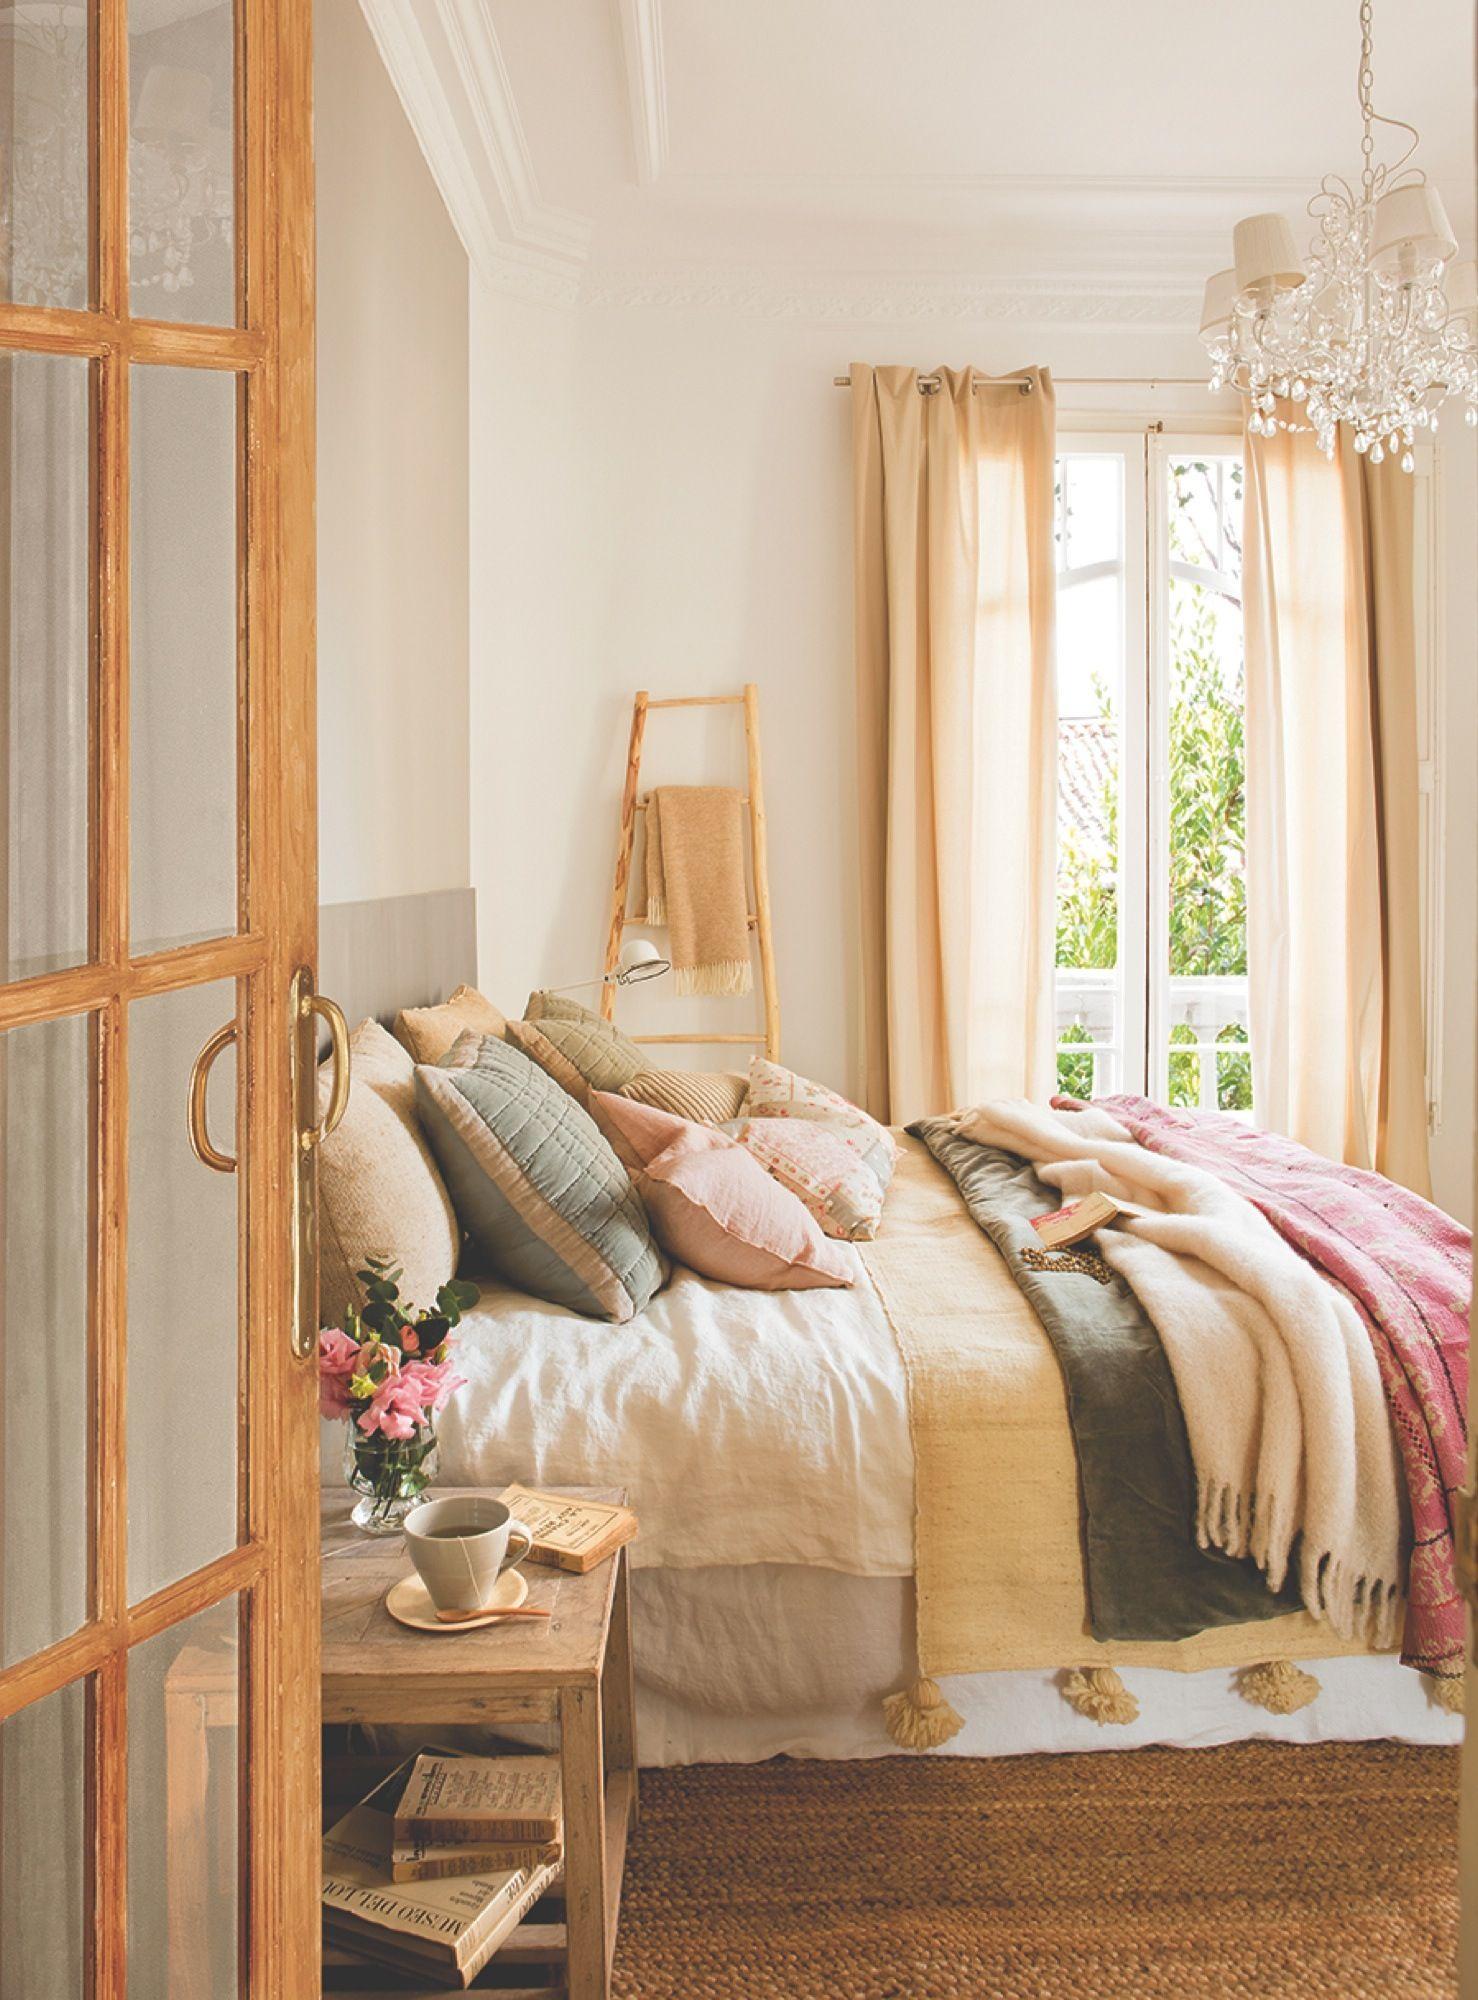 Dormitorio cl sico con cama muy vista dormitorios for Habitaciones juveniles con cama grande